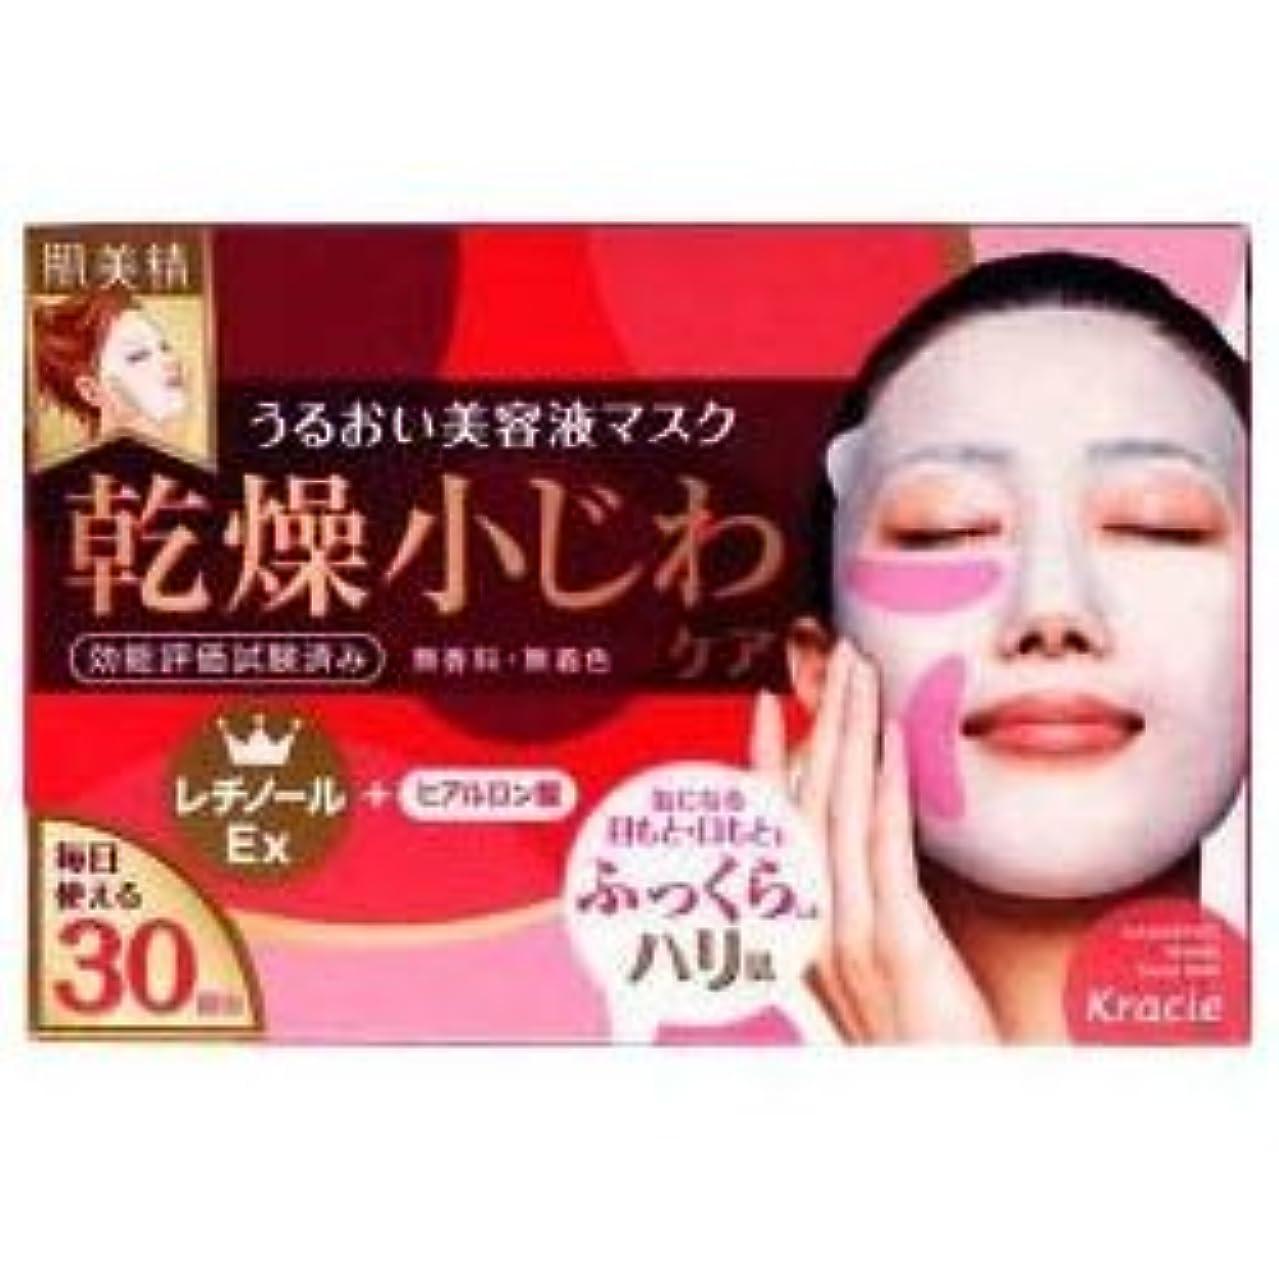 頭蓋骨修正【クラシエ】肌美精 デイリーリンクルケア美容液マスク 30枚 ×5個セット